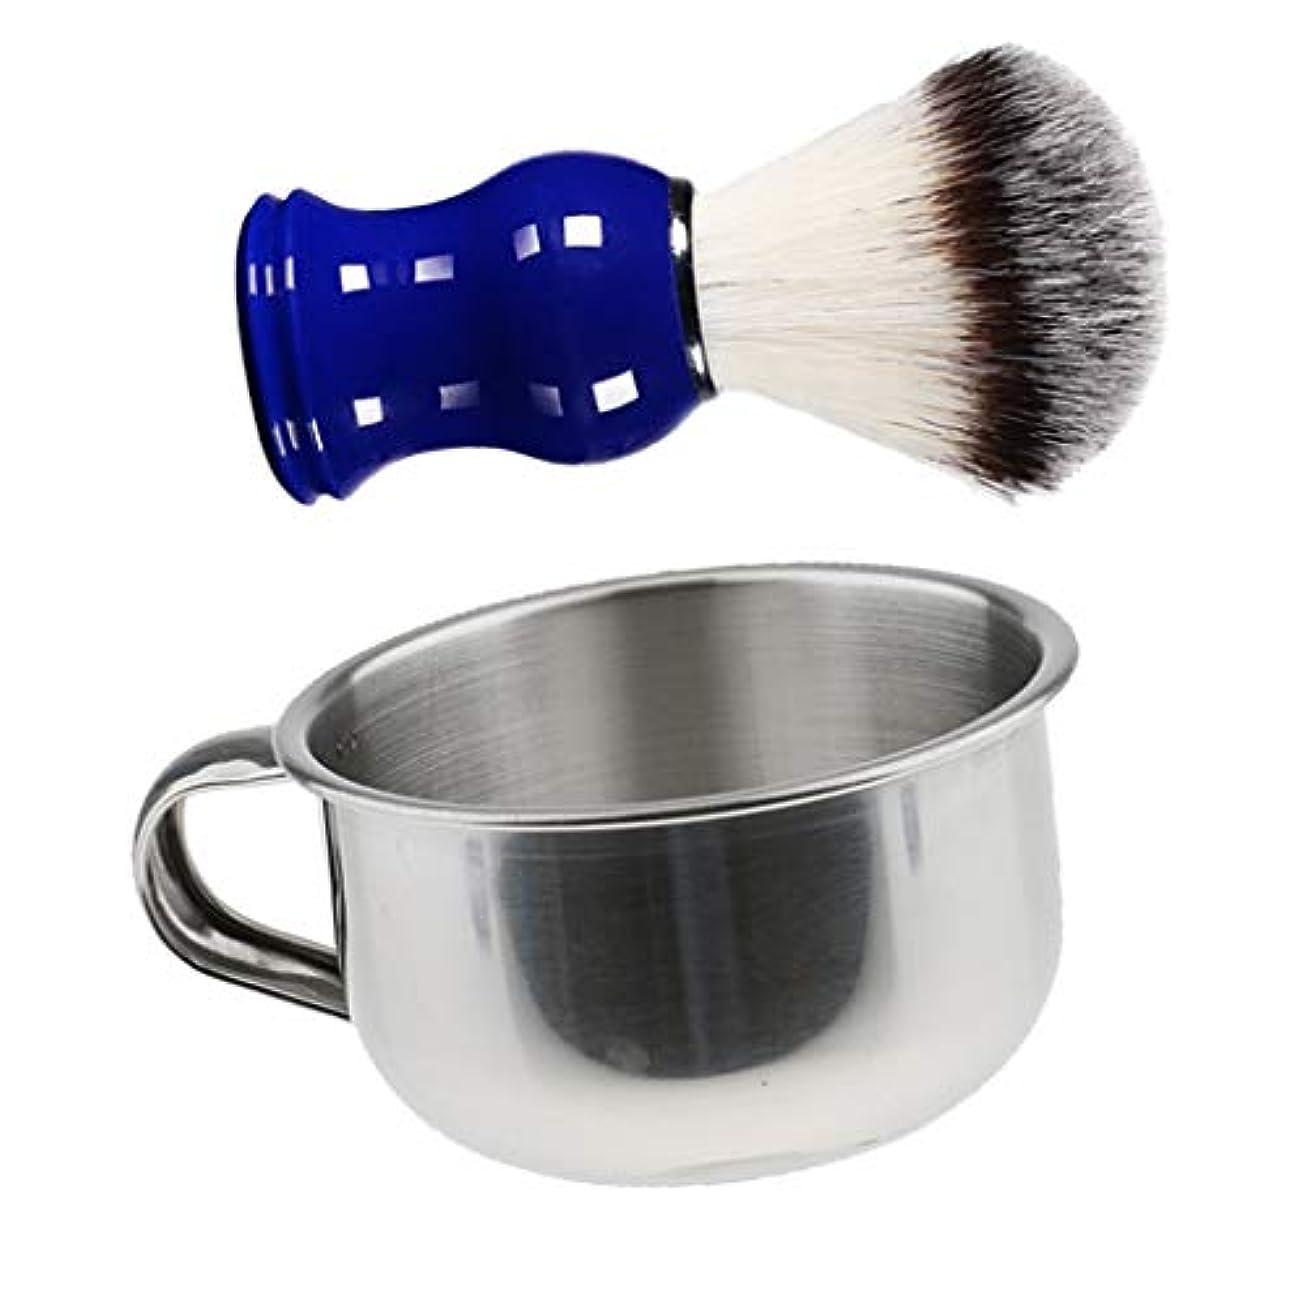 ちょうつがい写真を描く昼間メンズ シェービング マグ ボウル カップ ステンレス製 シェービング用ブラシ 理容 洗顔 髭剃り